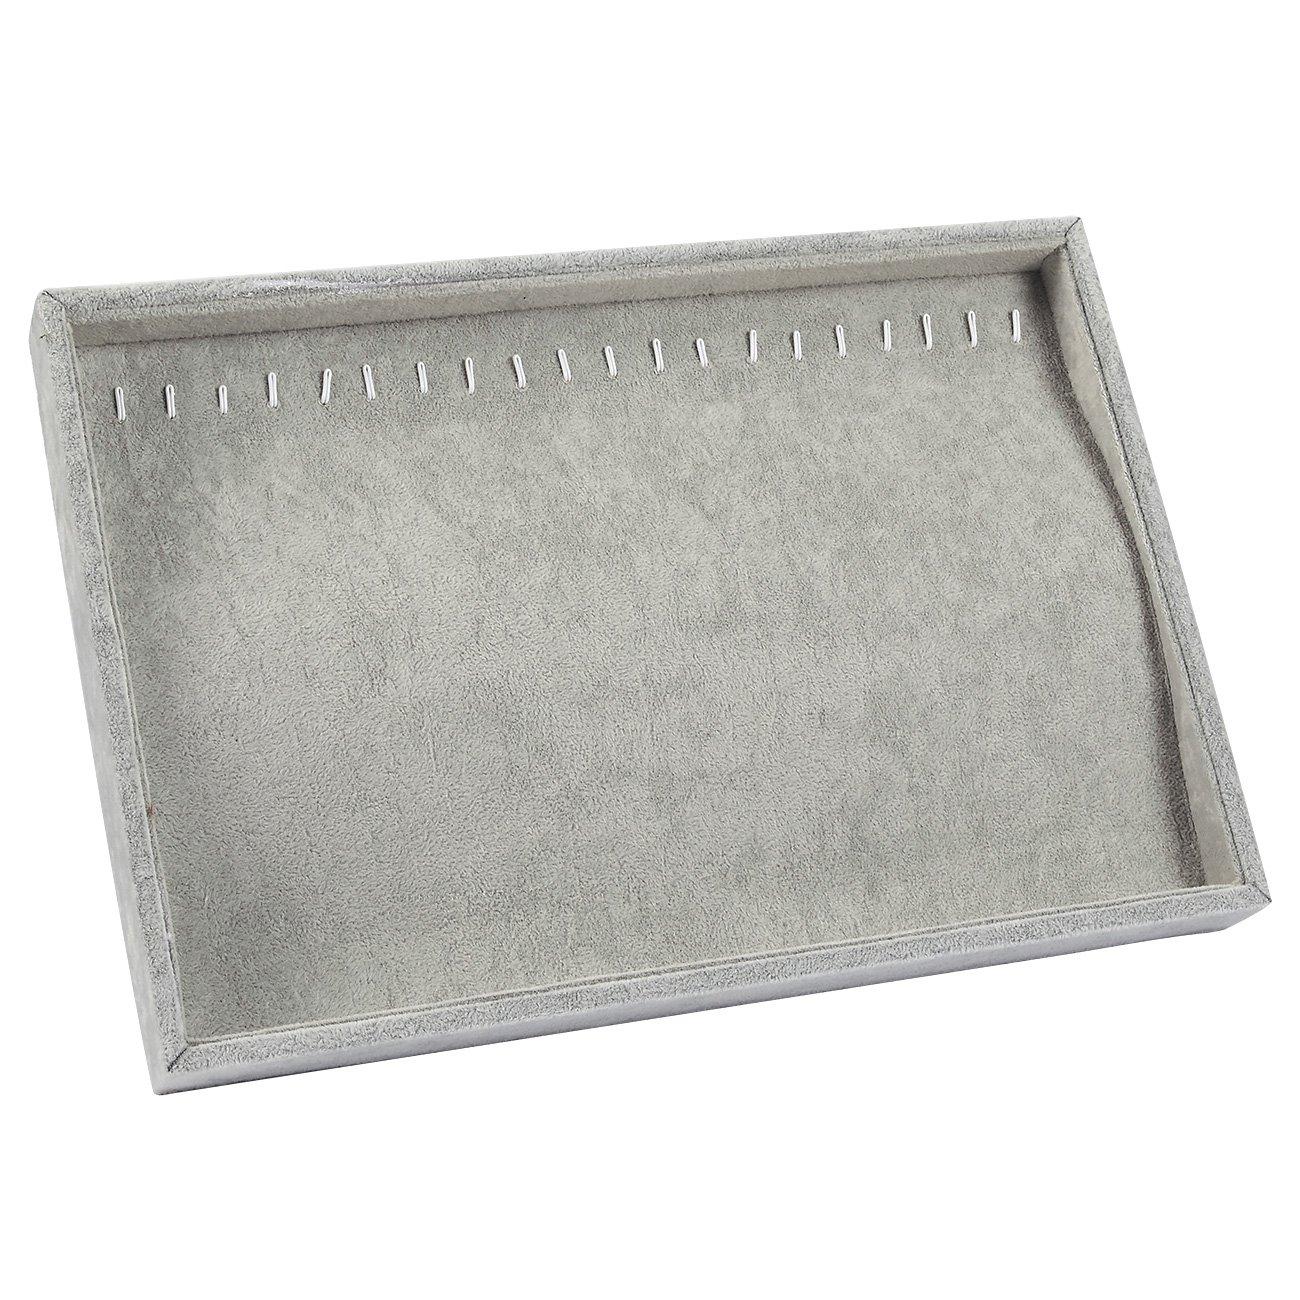 Organizador de joyas–Bandeja apilable pantalla caso, joyería cajón soporte de almacenamiento con ganchos de metal para pendientes, collares, cadenas de decoración, color gris–14x 9,5x 1.2pulgadas color gris-14x 9 Juvale